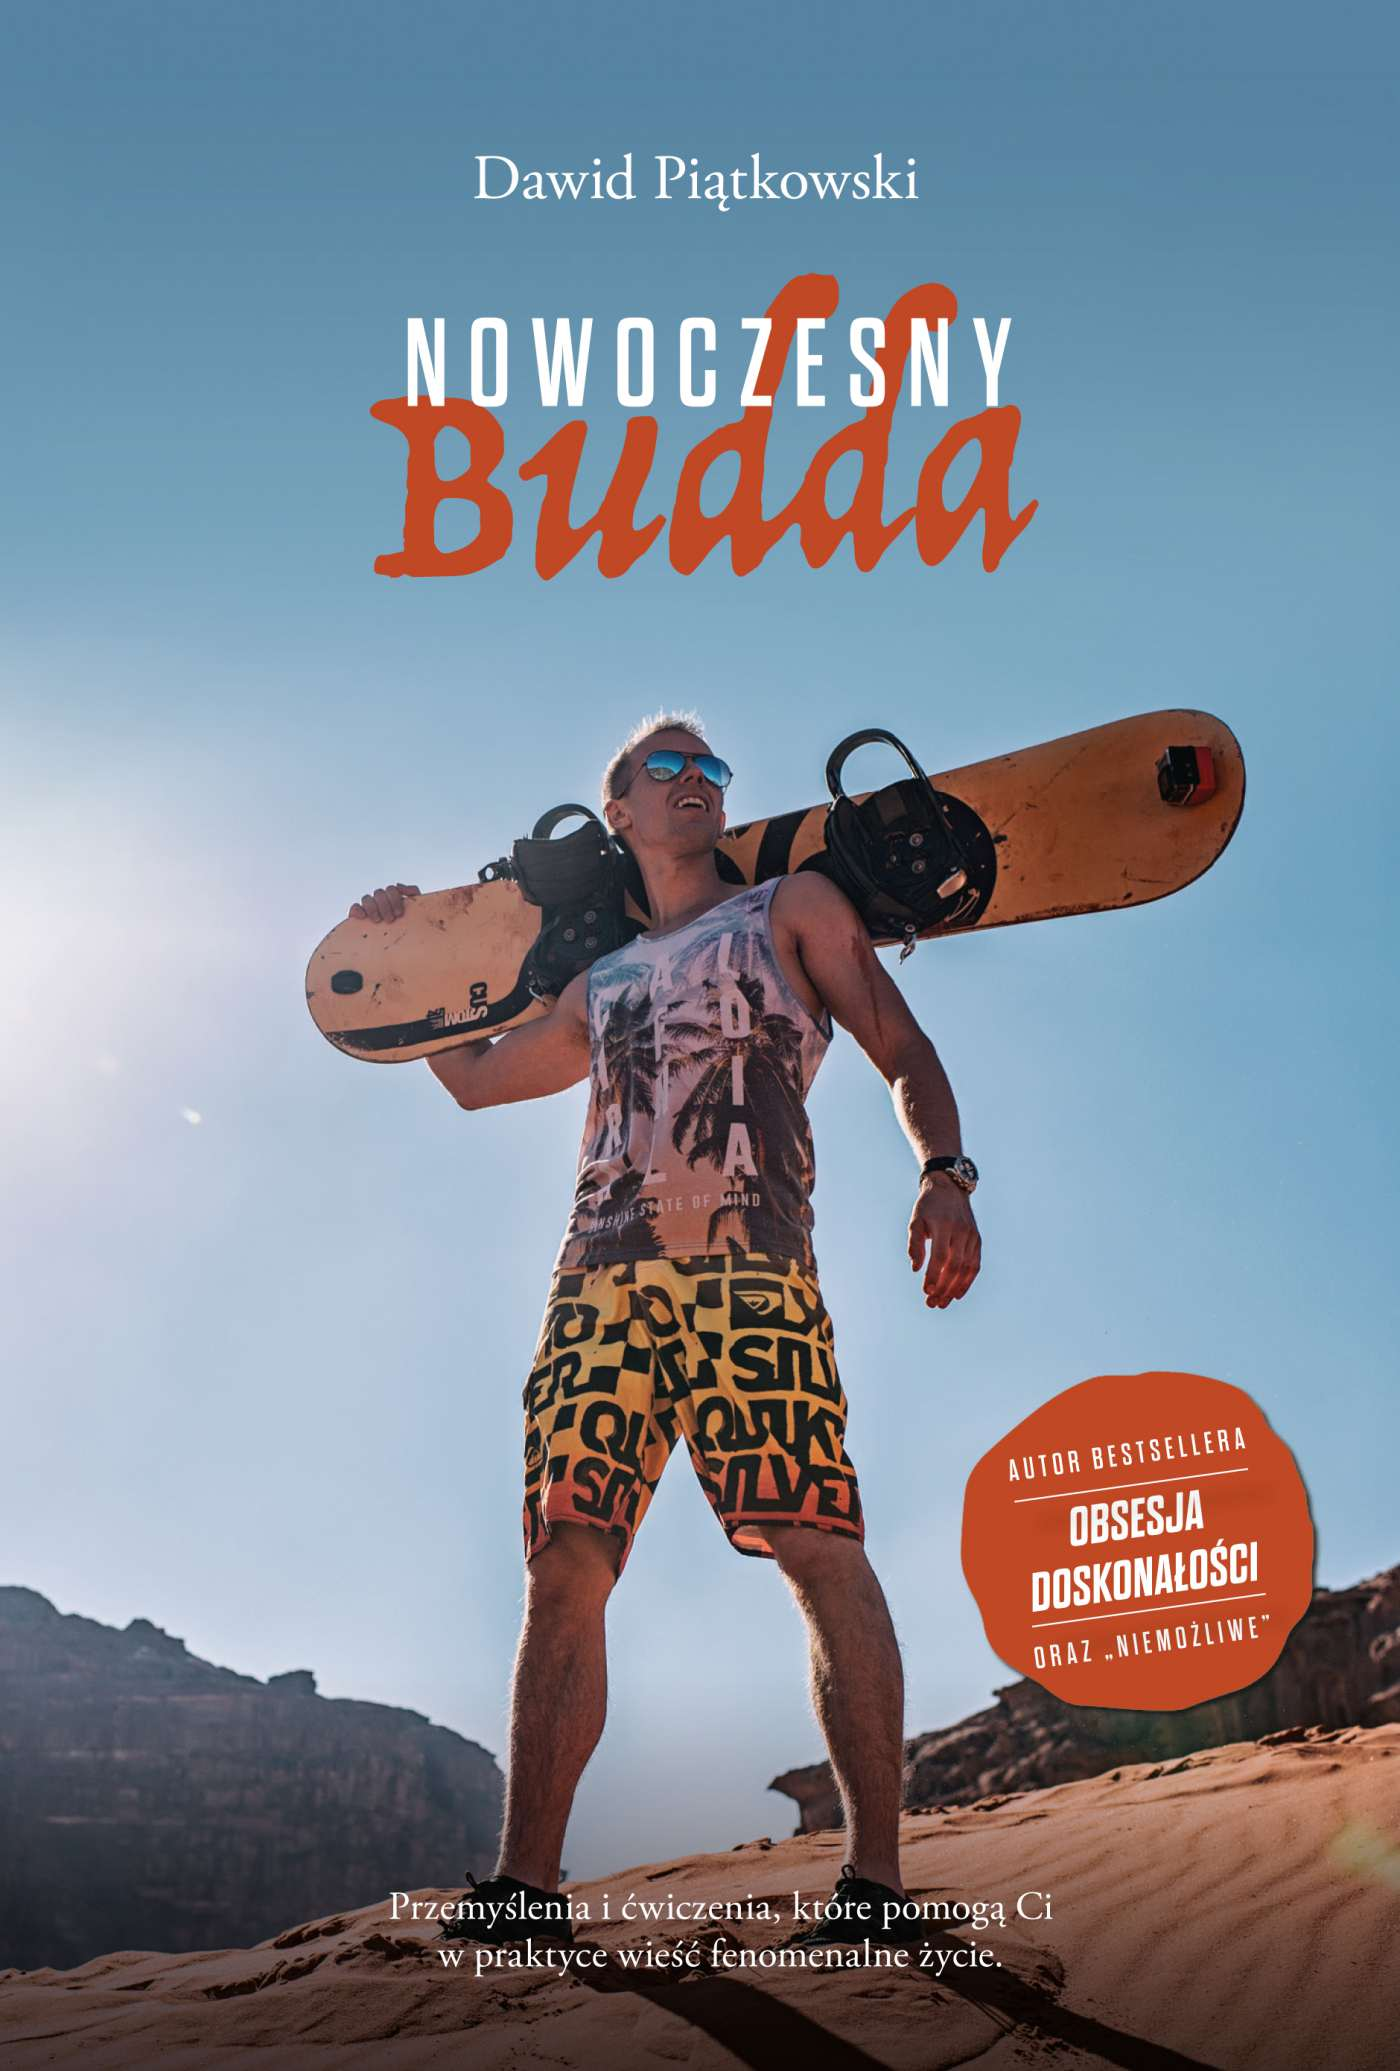 Nowoczesny Budda - Ebook (Książka na Kindle) do pobrania w formacie MOBI